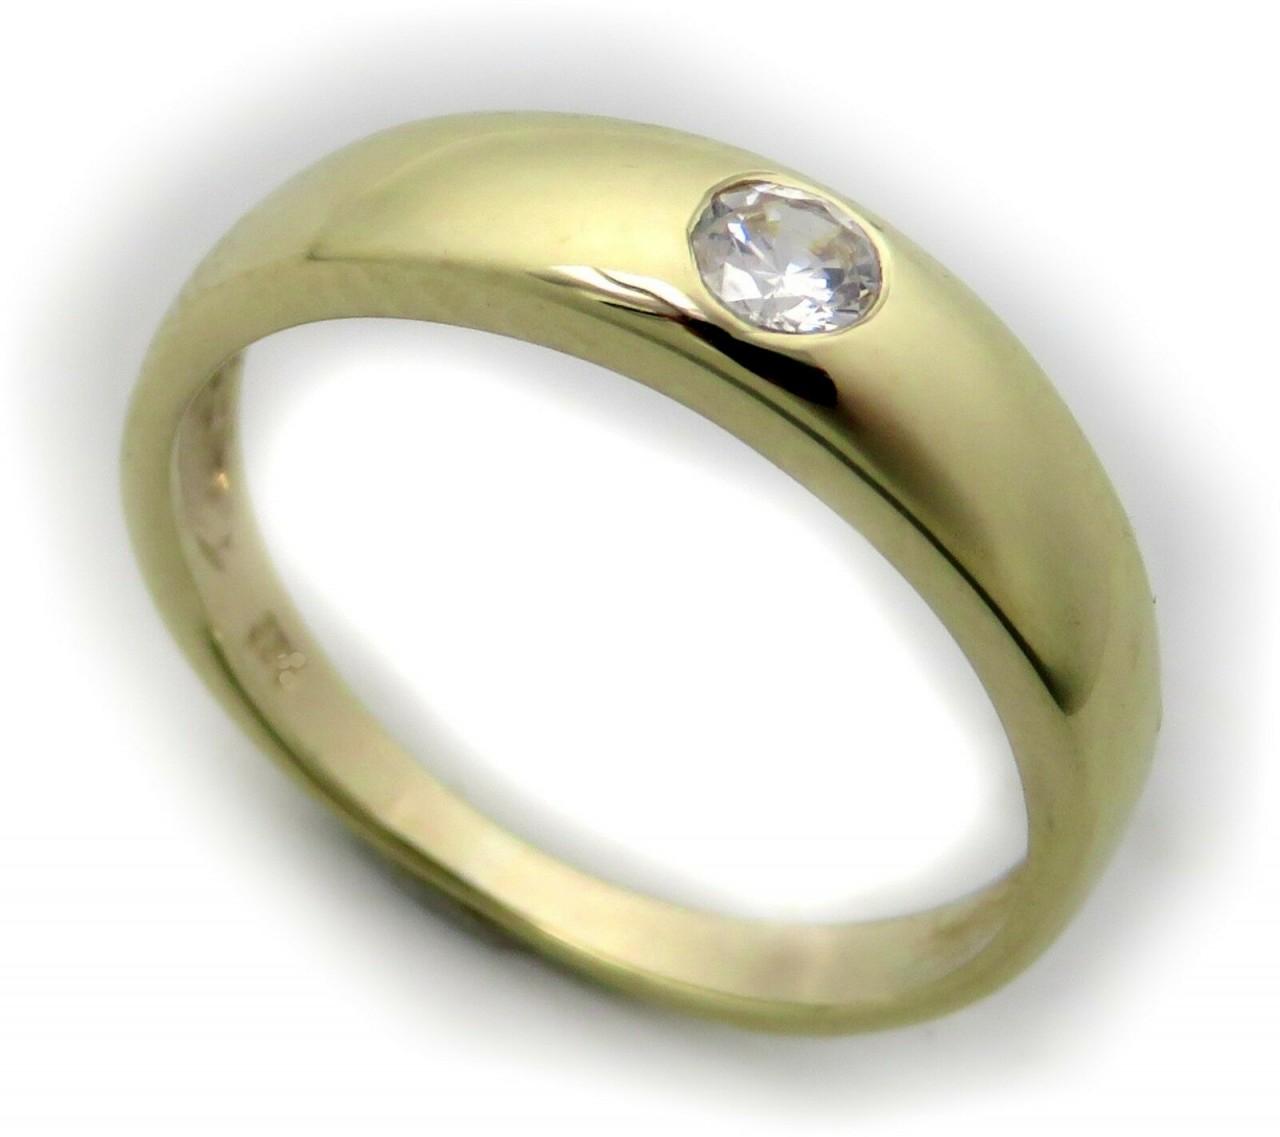 Damen Ring echt Gold 750 Diamant 0,10 ct Brillant 18 karat Taufring Gelbgold Neu